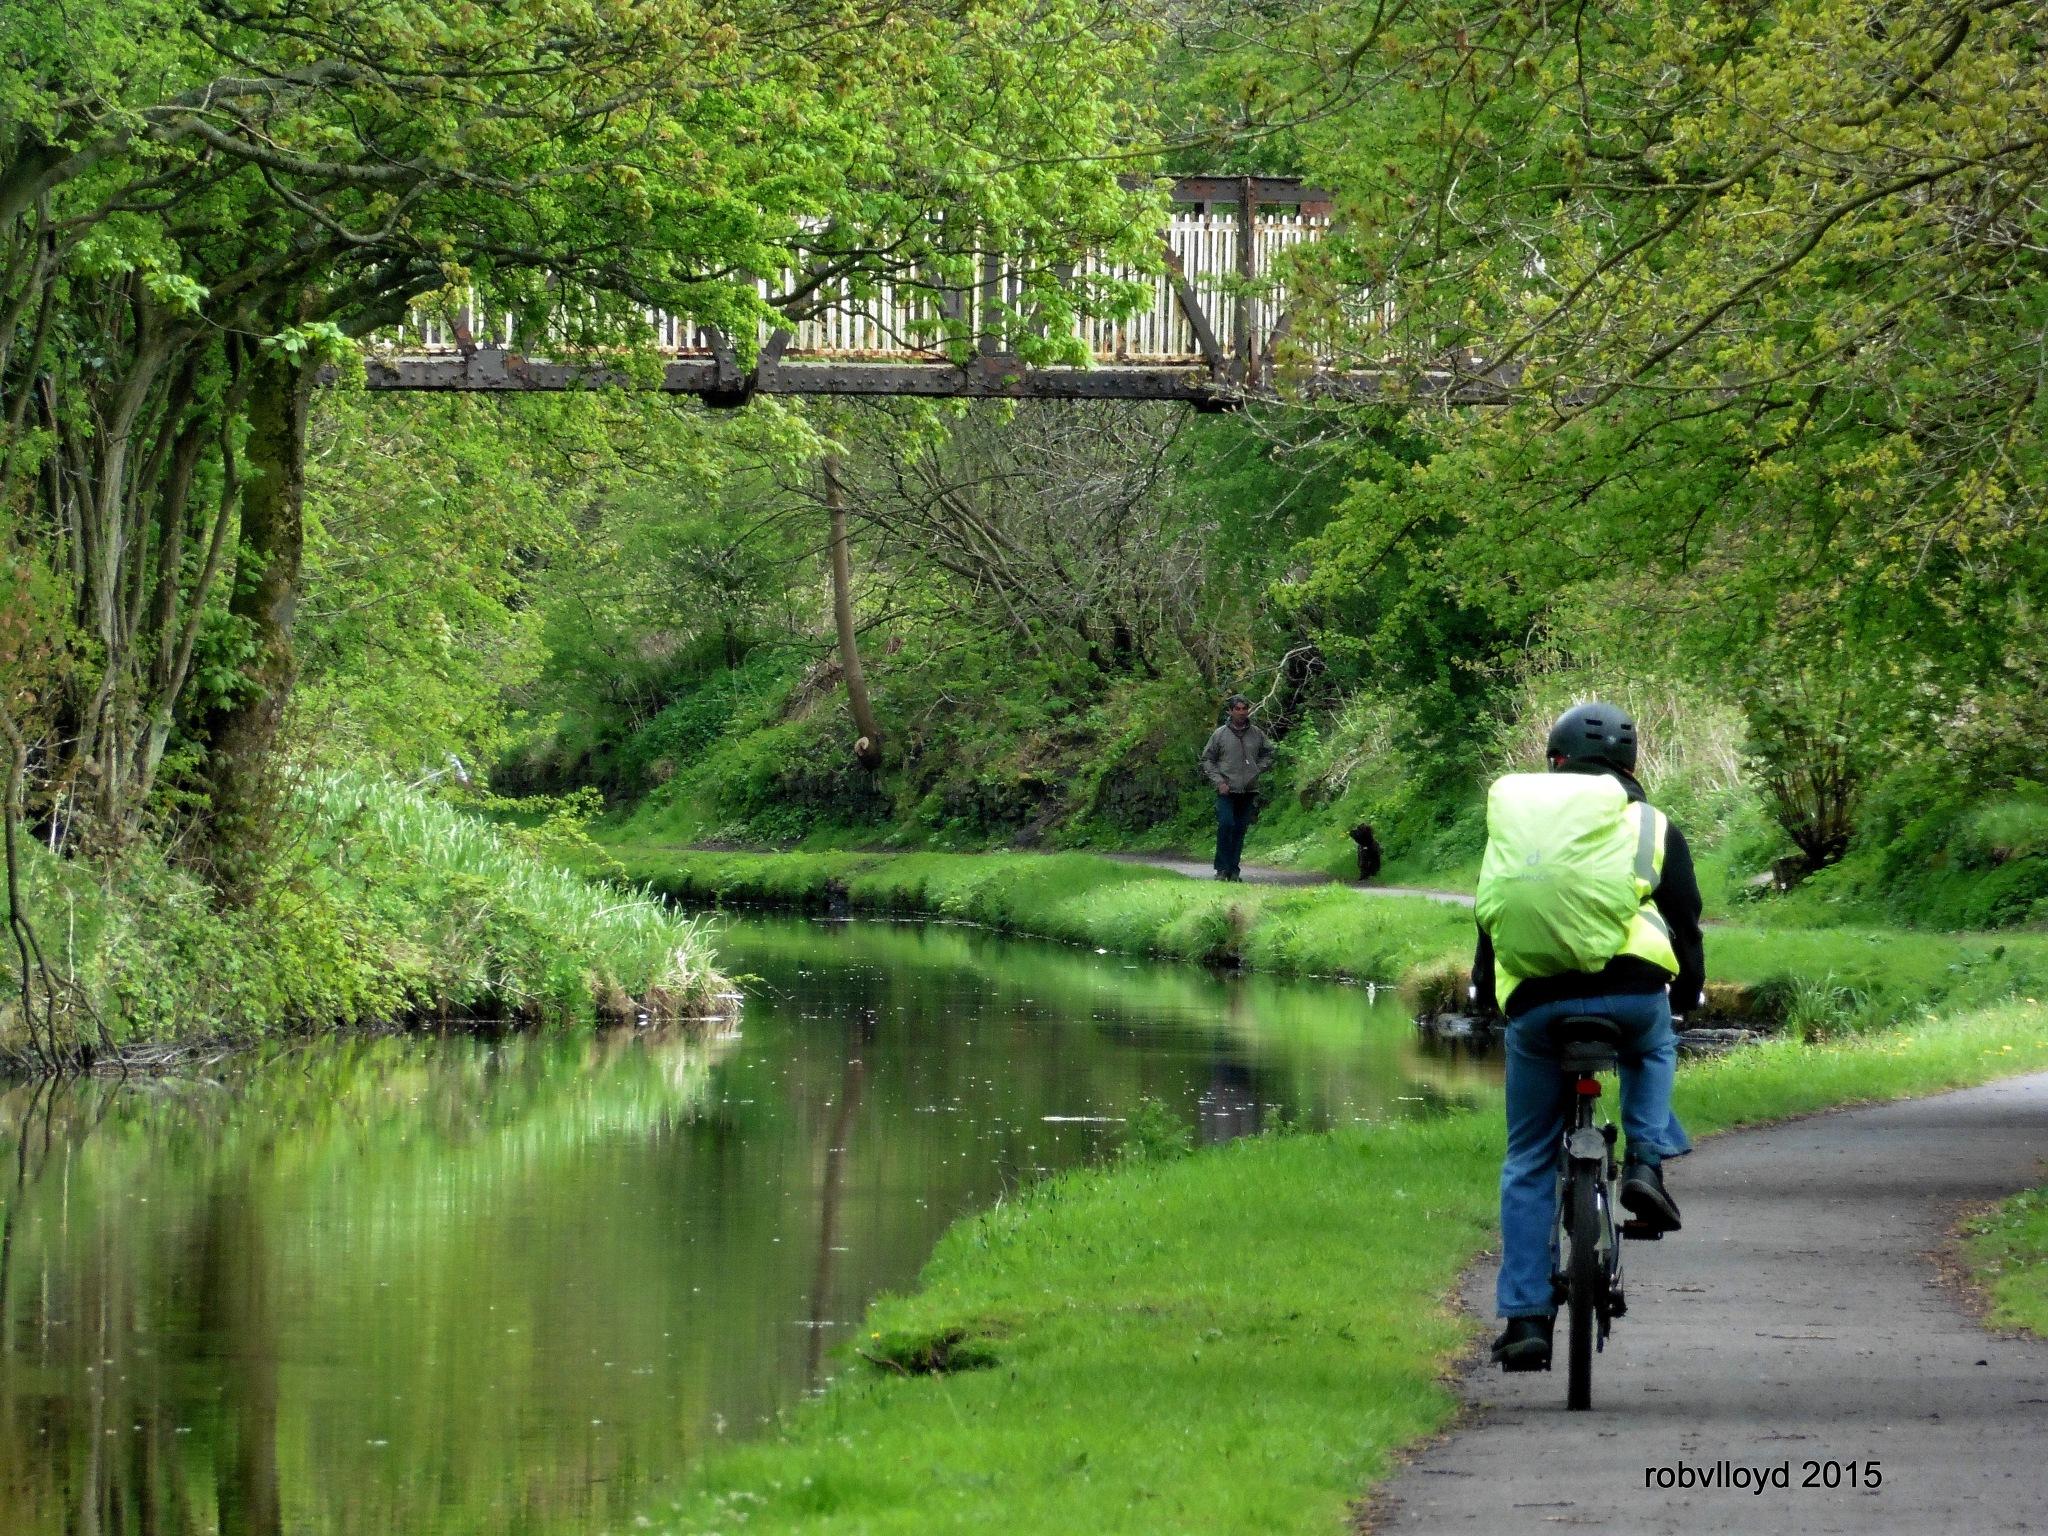 canal cyclist by rob.lloyd.3954